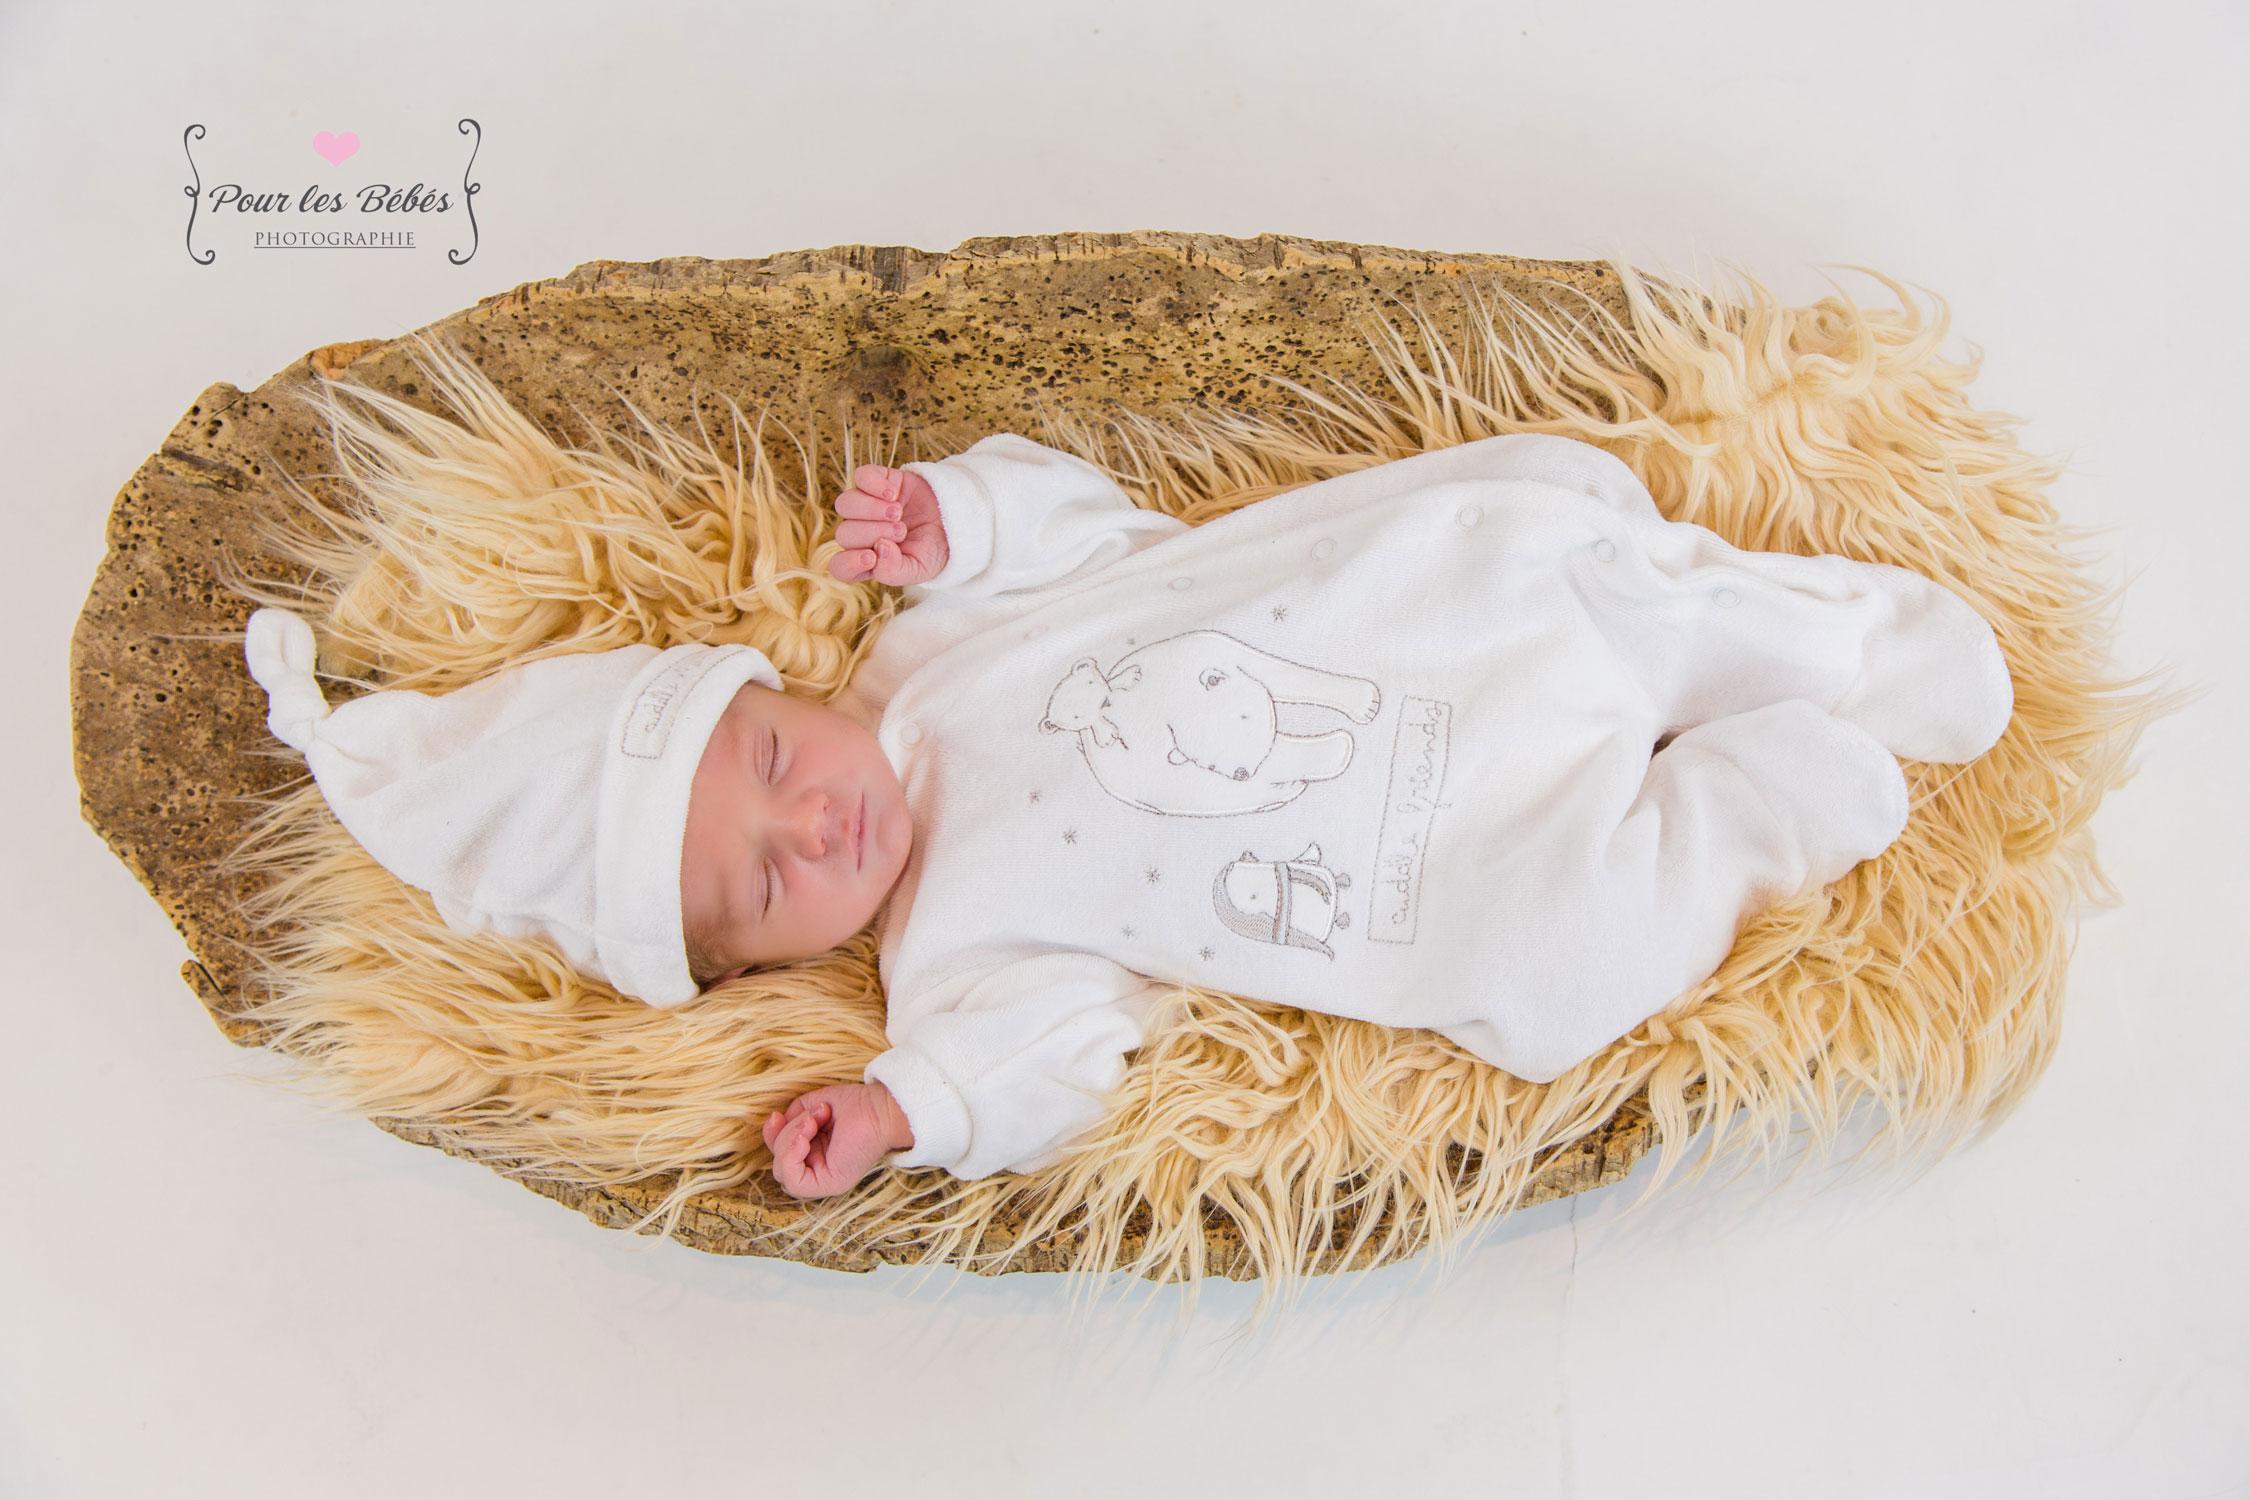 photographe-studio-nouveau-né-famille-enfance-bébé-nourrisson-grossesse-montpellier-nimes-lunel-mauguio-sommières-233